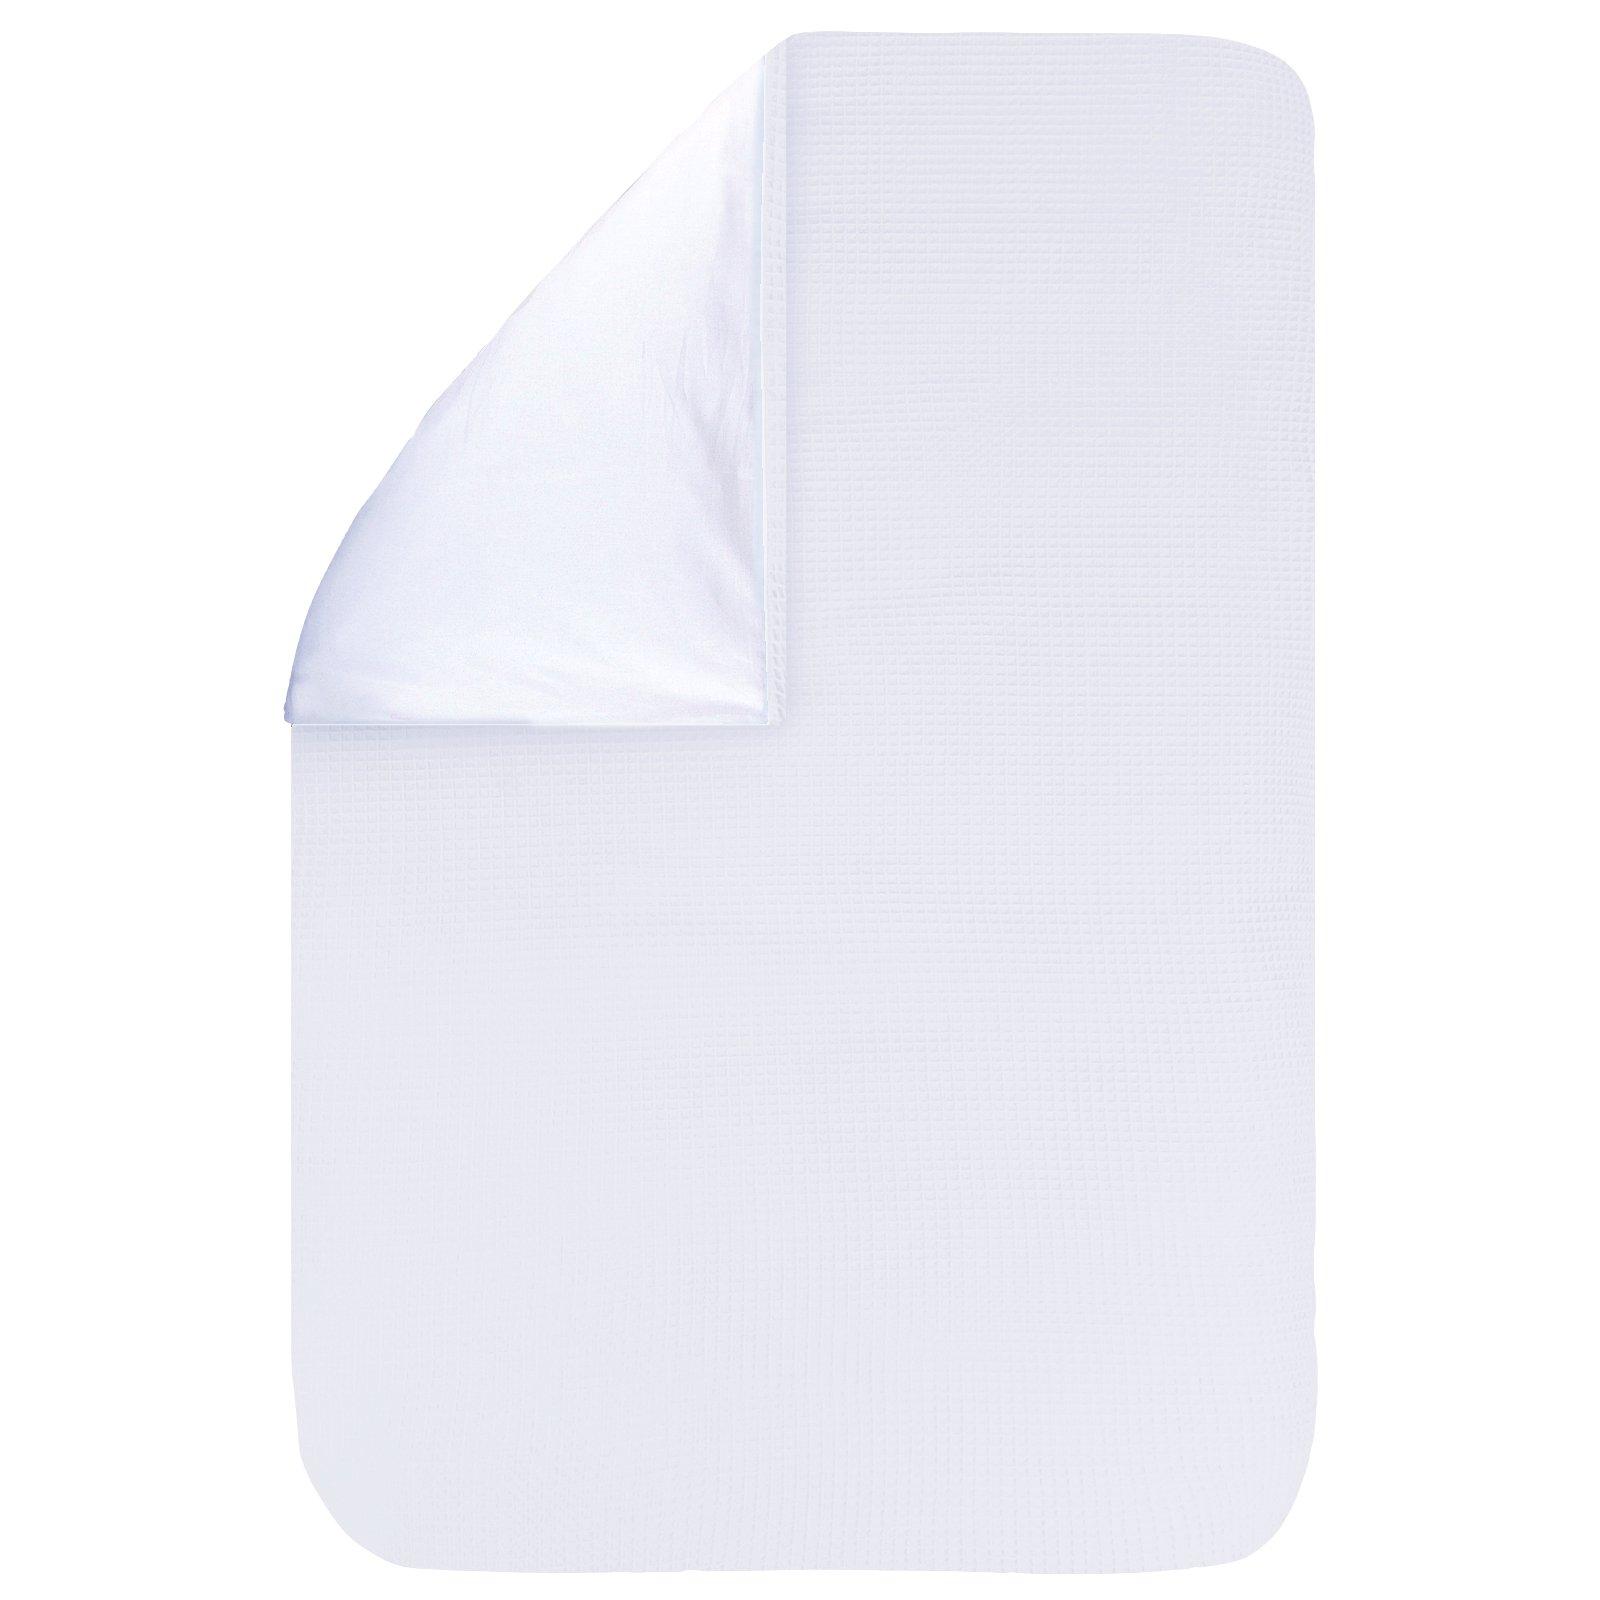 Dekbedovertrek Pique wit 100x135, een fijn dekbedovertrek van zachte witte wafelkatoen. Goed te combineren met BINK printjes.